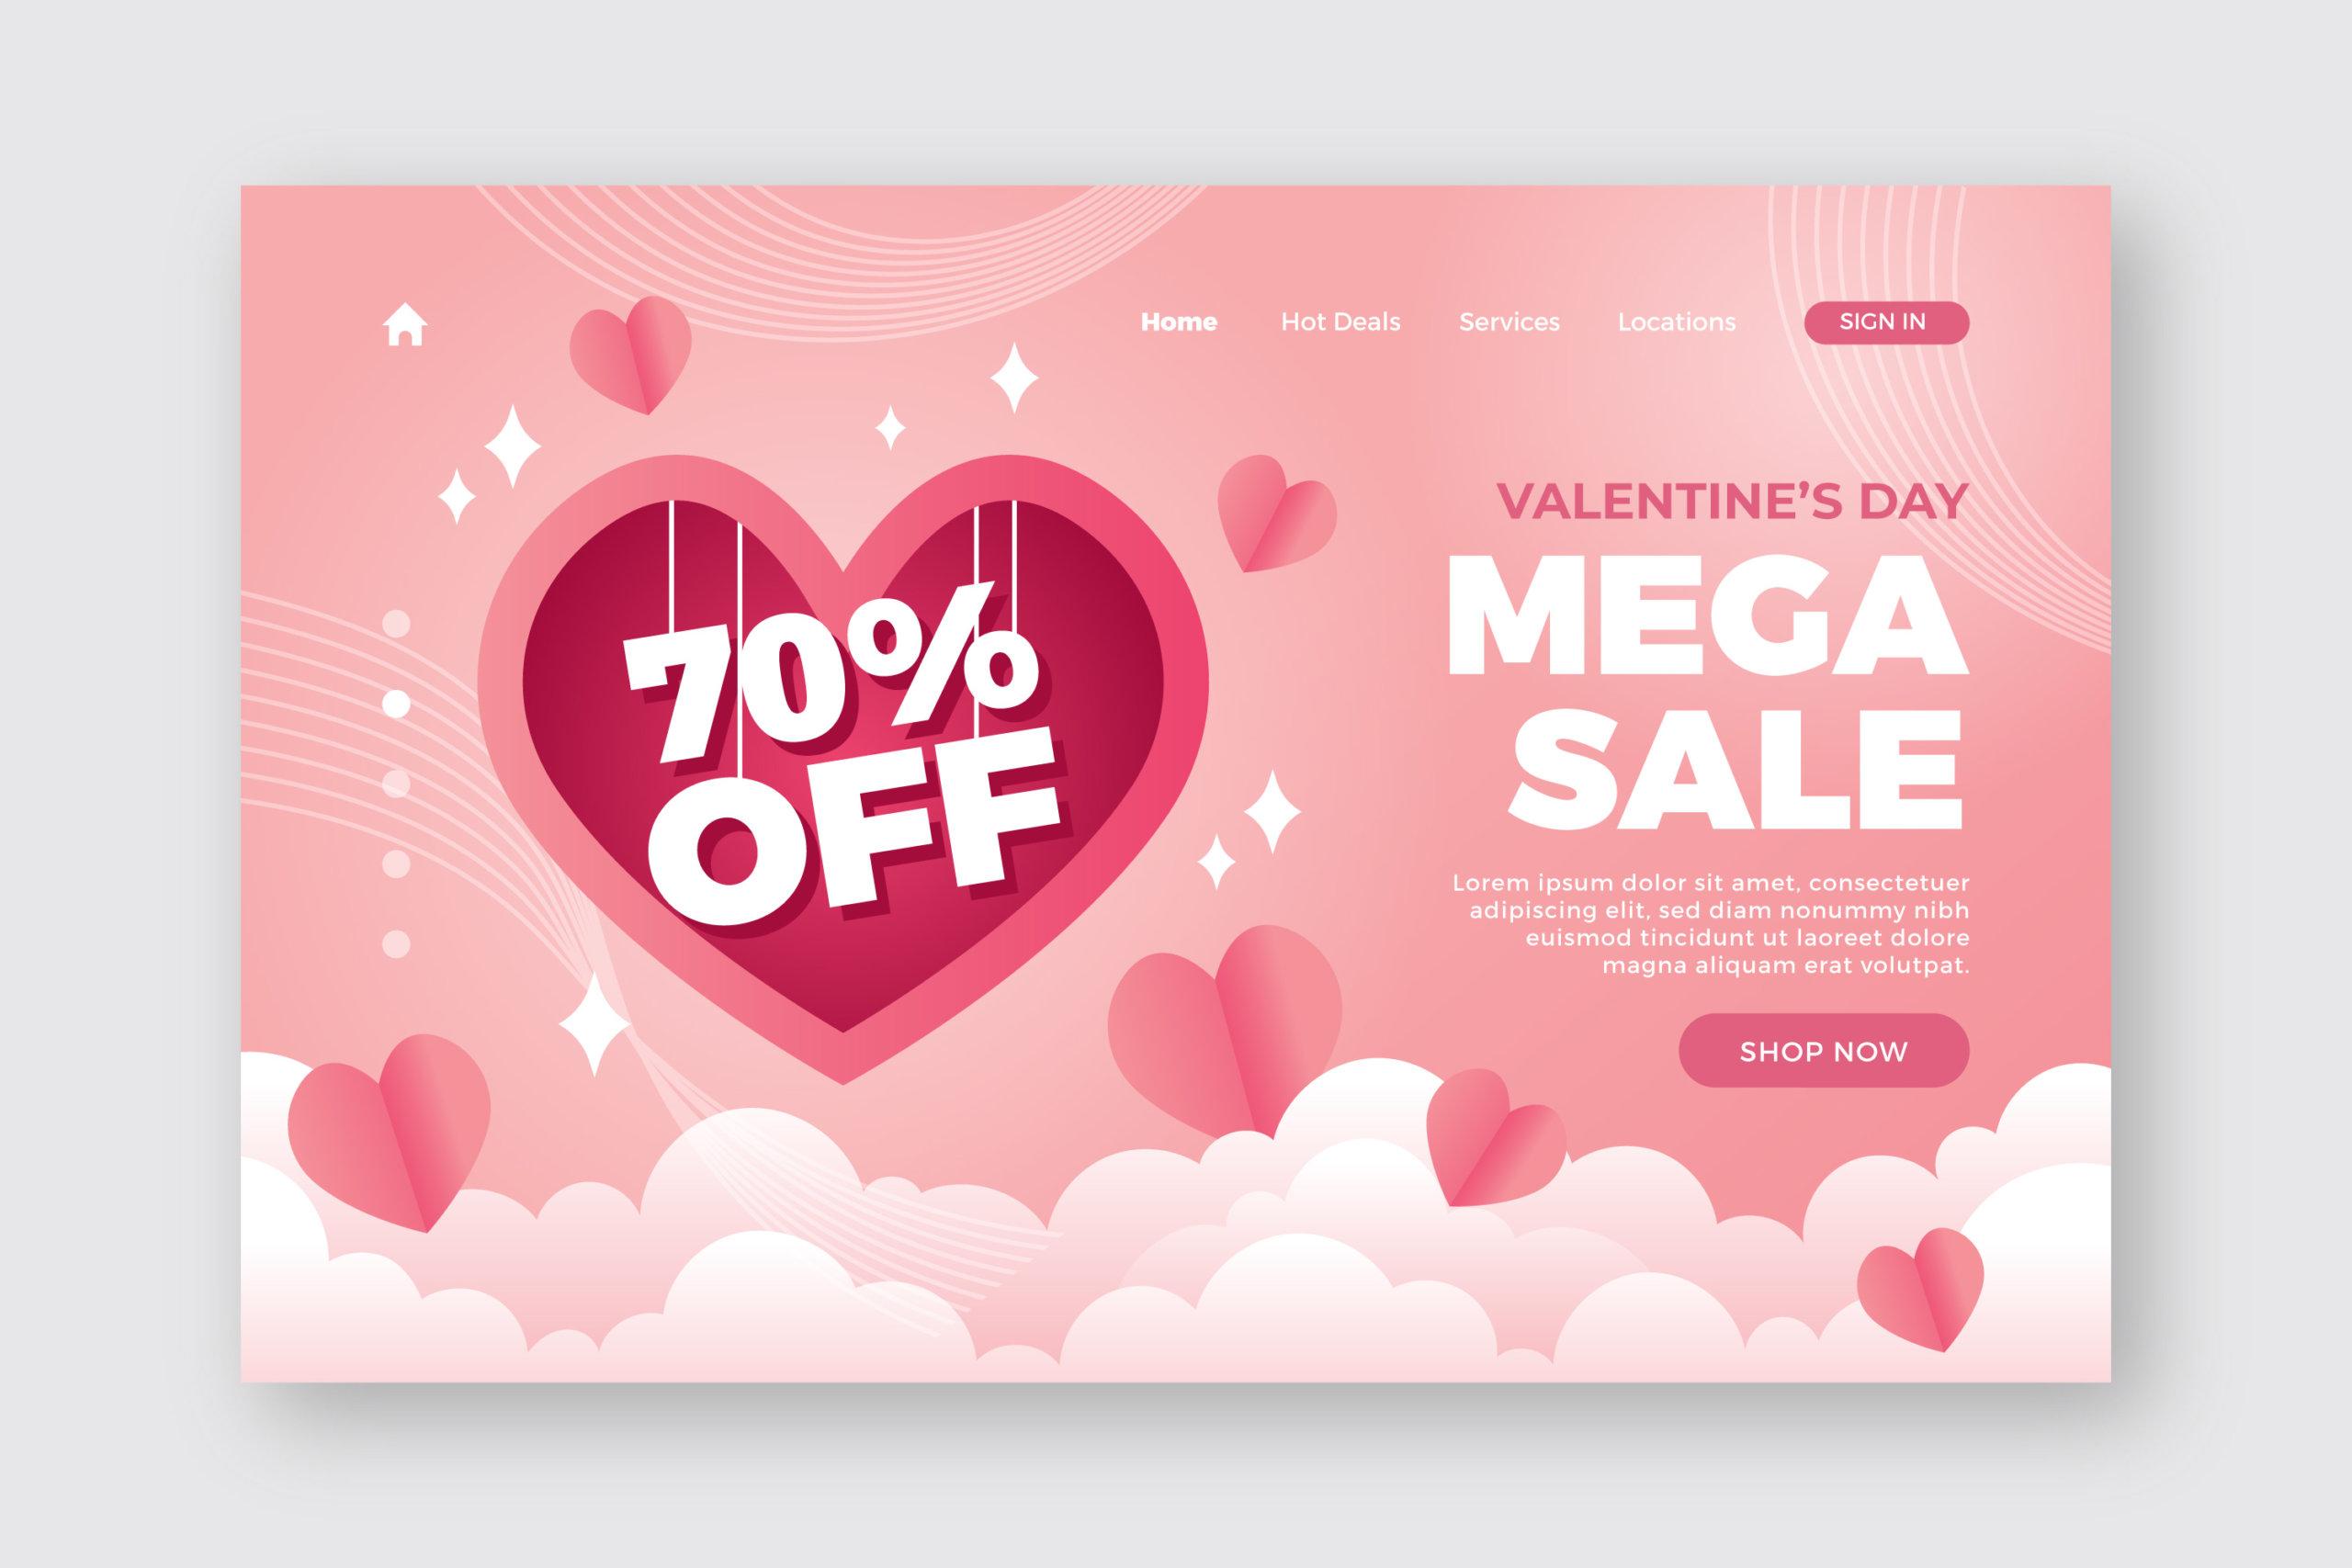 16款七夕节情人节爱心心形公益慈善海报传单AI设计素材 Valentines Day Love Promotion Poster插图4